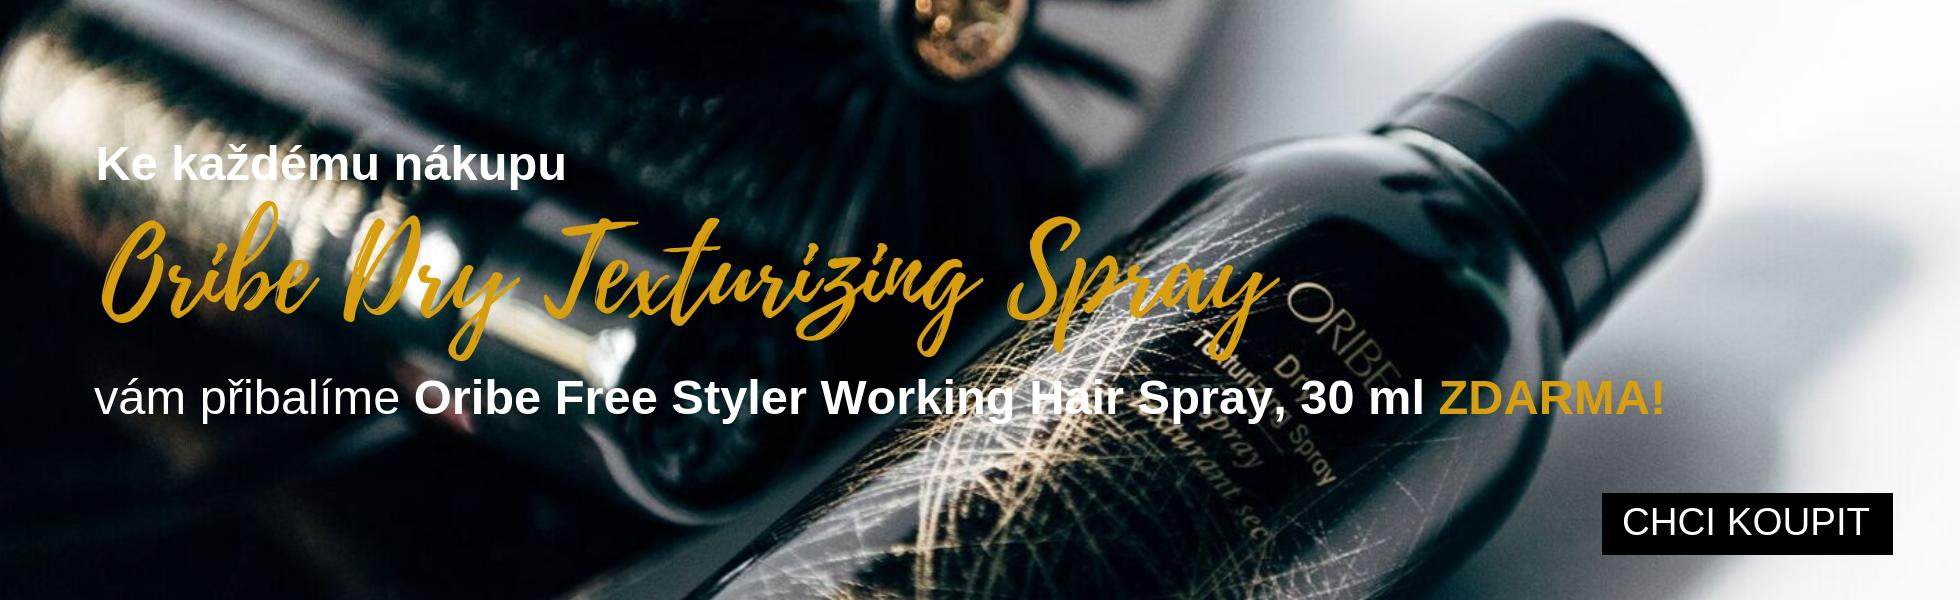 Oribe Dry Texturizing Spray + Oribe Free Styler Working Hair Spray, 30 ml ZDARMA